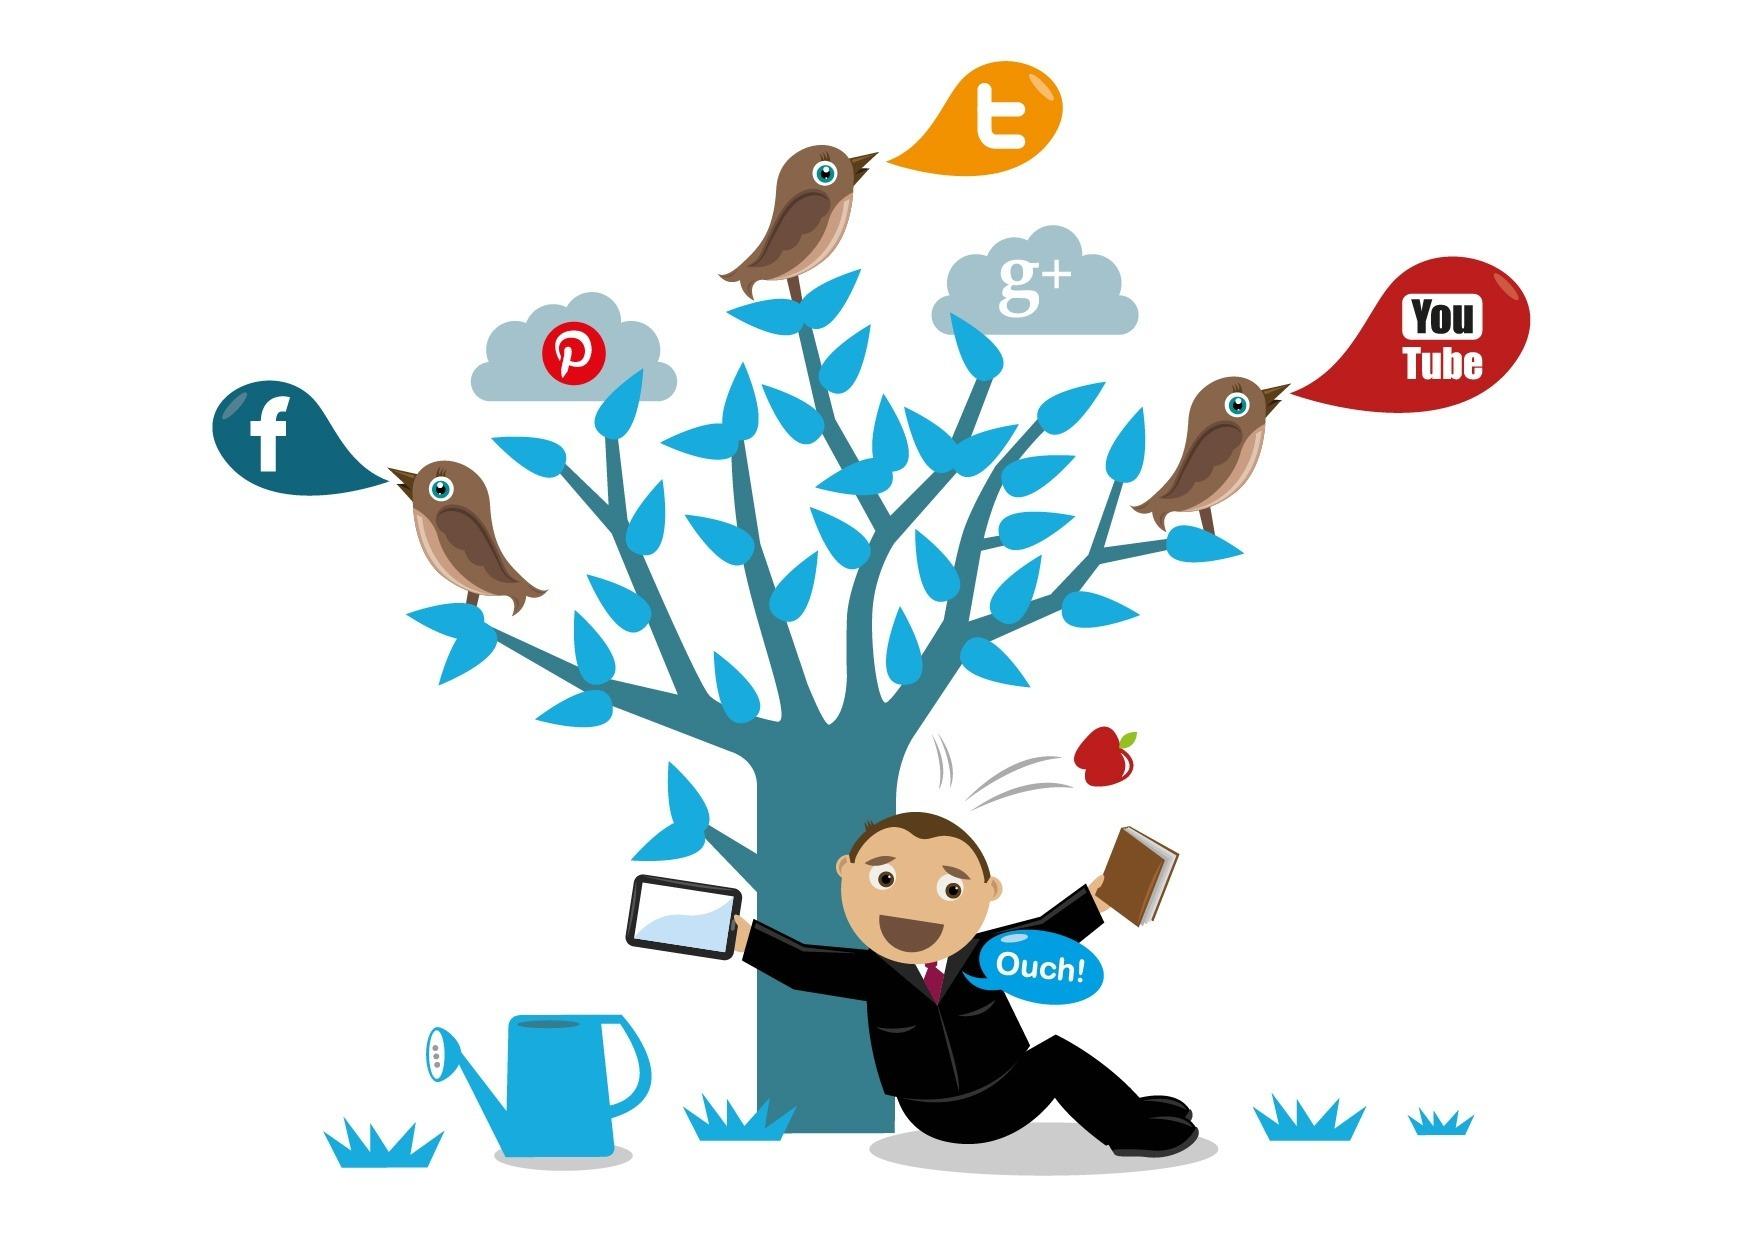 julienrio-com_social_media_tree